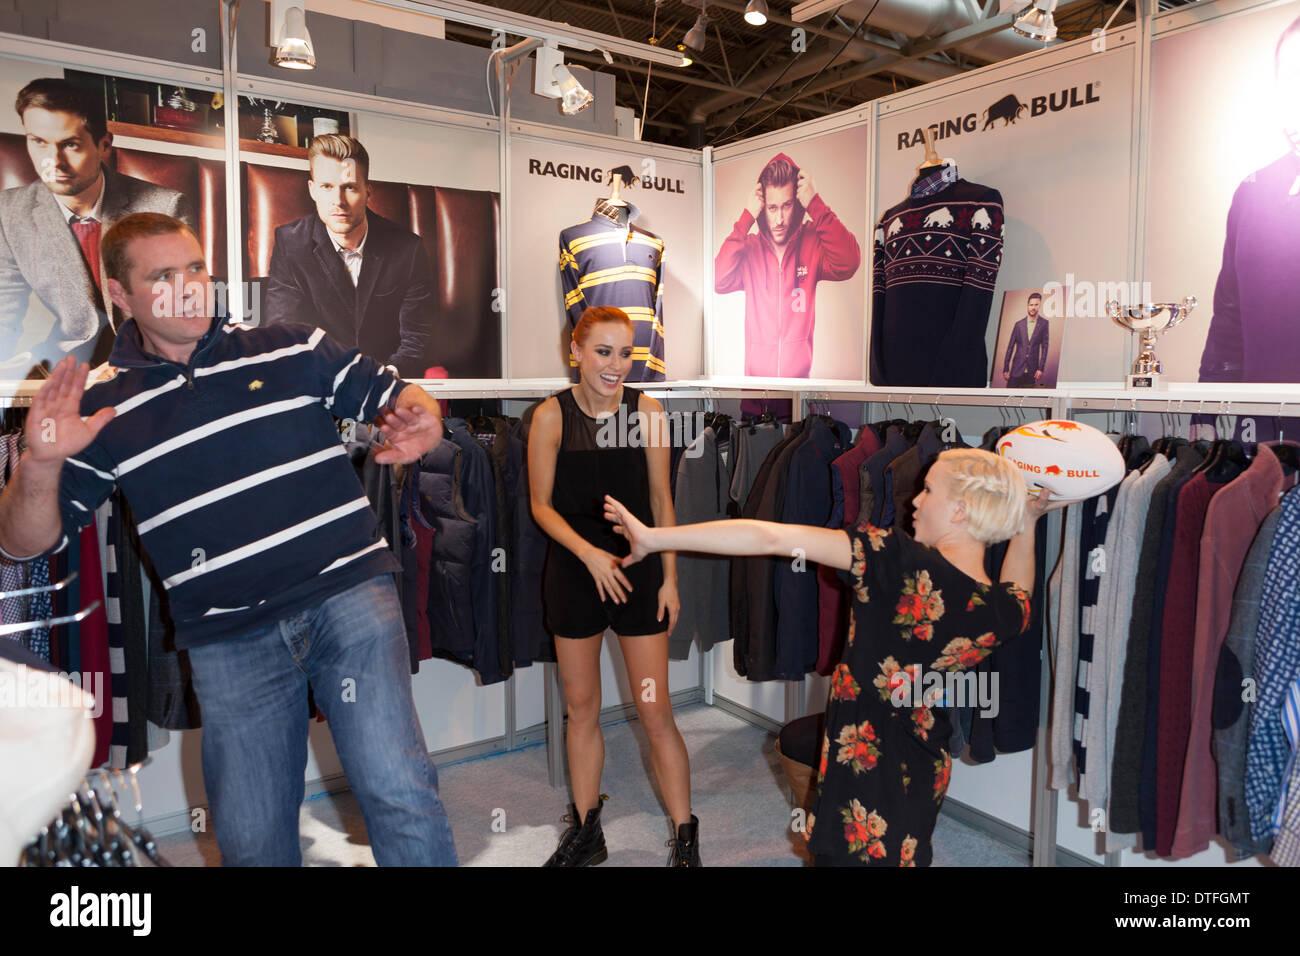 Birmingham, Regno Unito. 17 feb 2014. Phil Vickery mostrato di condividere una risata con 2 modelli del toro infuria stand alla Moda Fashion show Credito: Paolo Hastie/Alamy Live News Immagini Stock